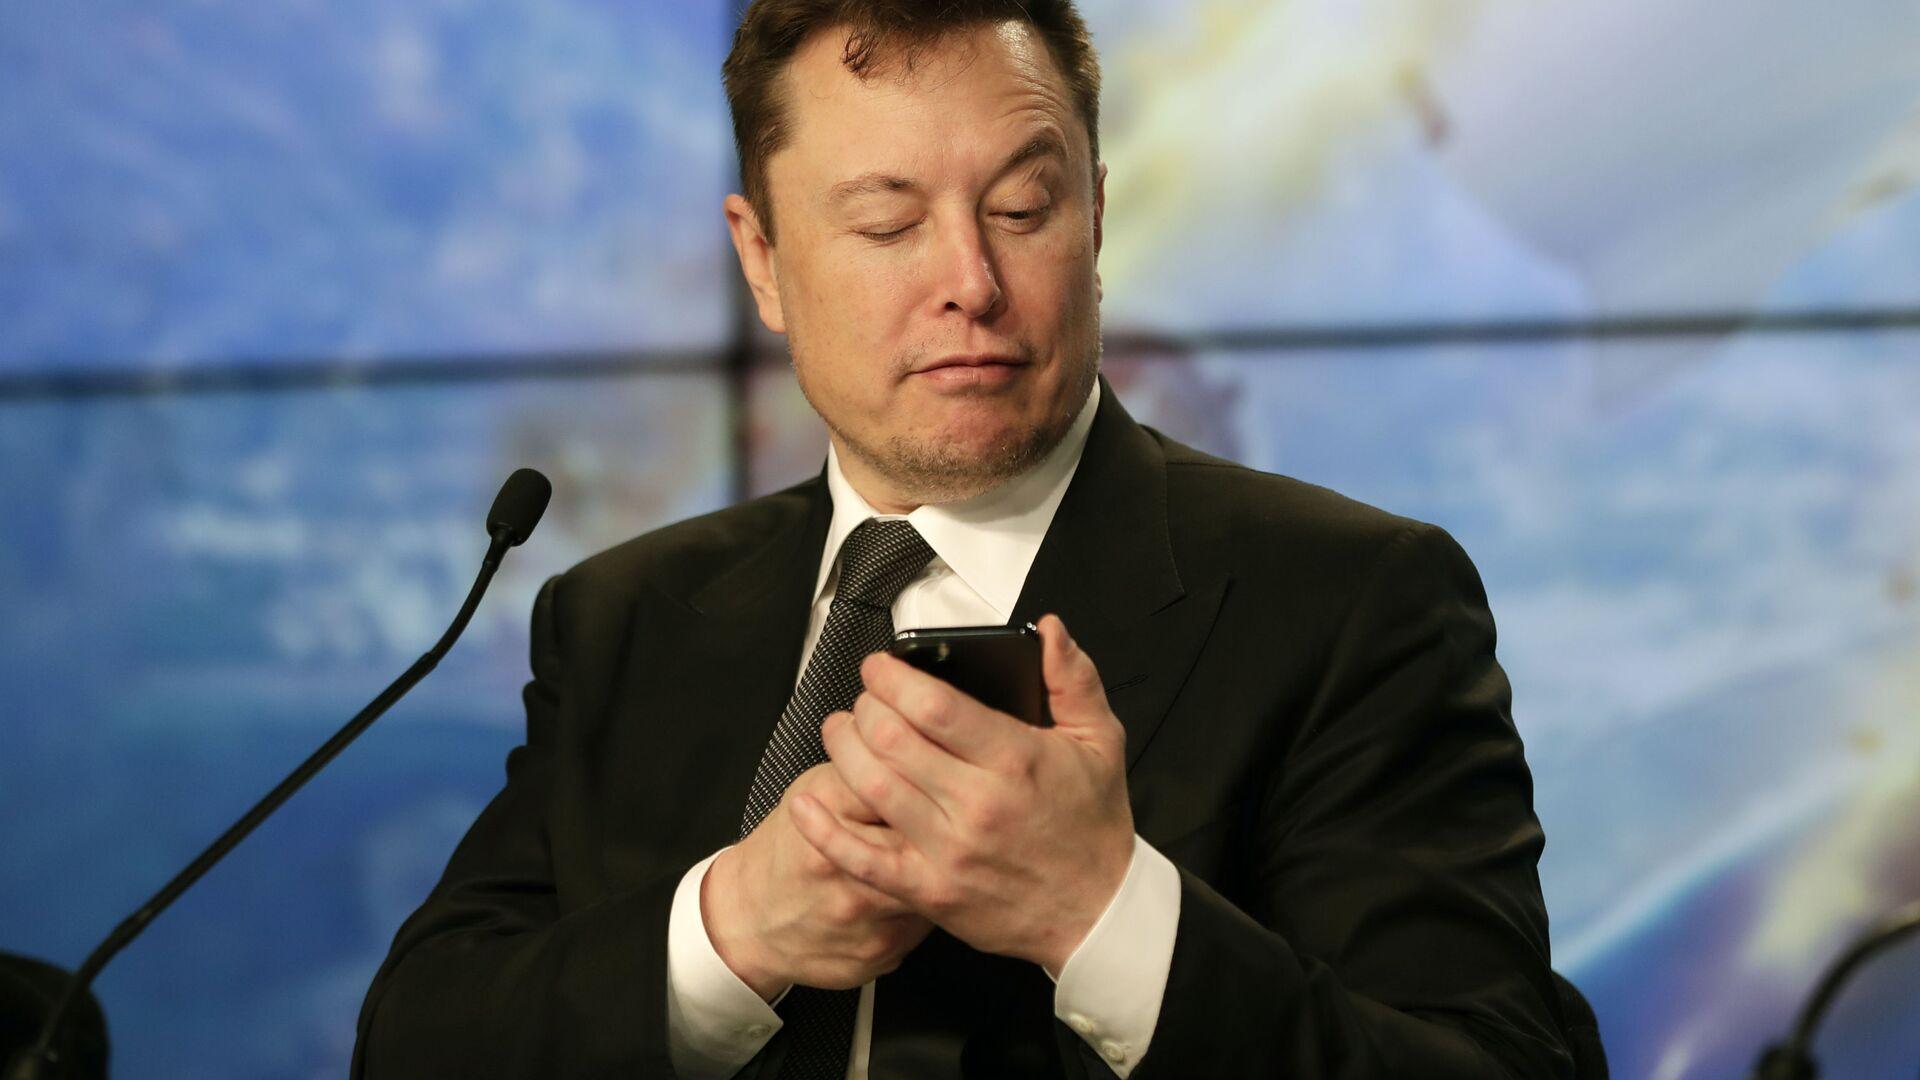 Elon Musk fondatore e CEO di Tesla e SpaceX - Sputnik Italia, 1920, 26.03.2021